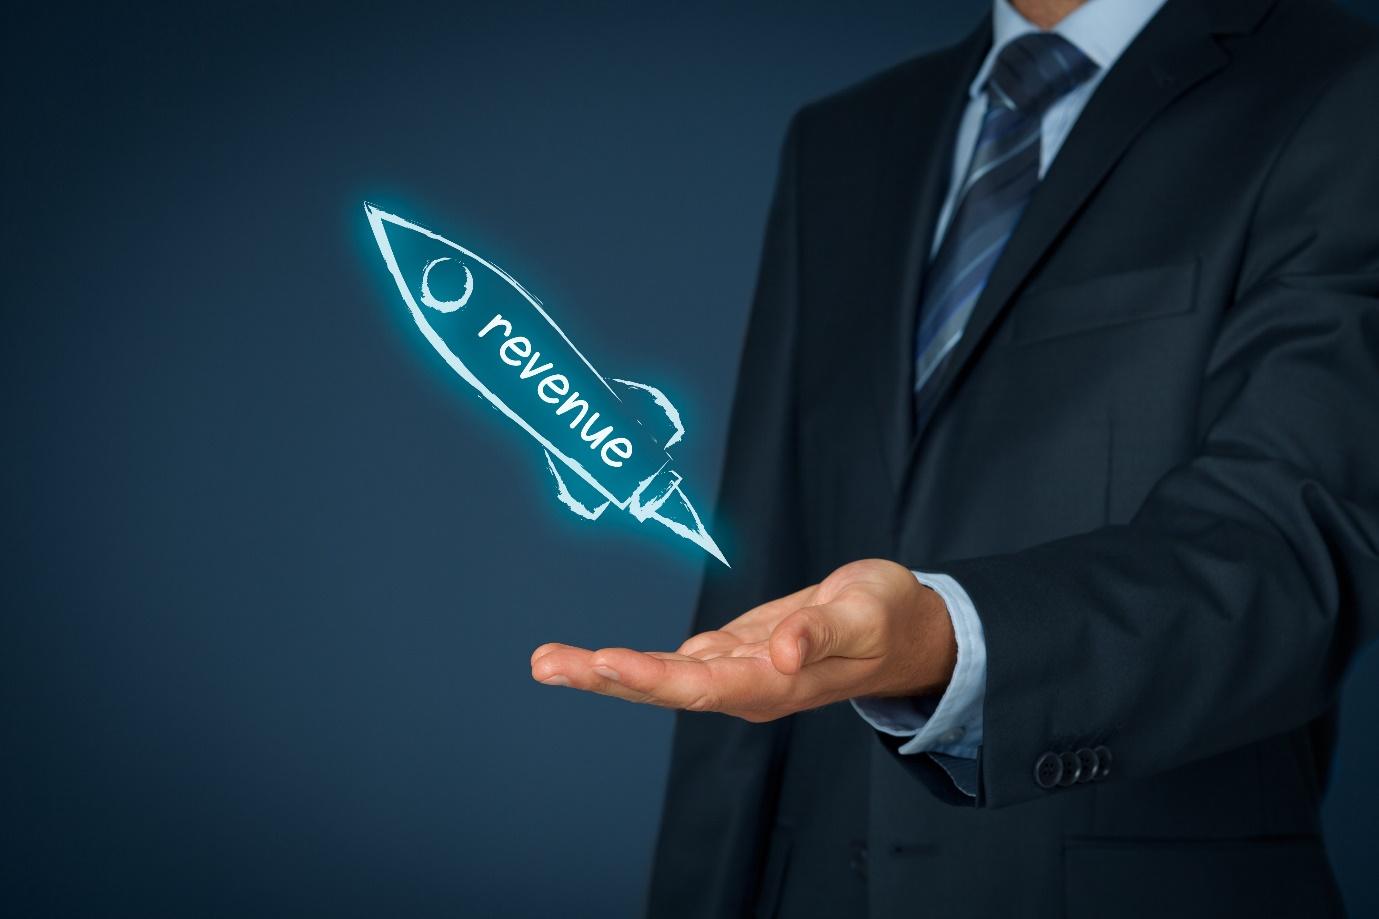 راهکارهایی برای افزایش نرخ فروش استارتاپ ها 88754643121213212